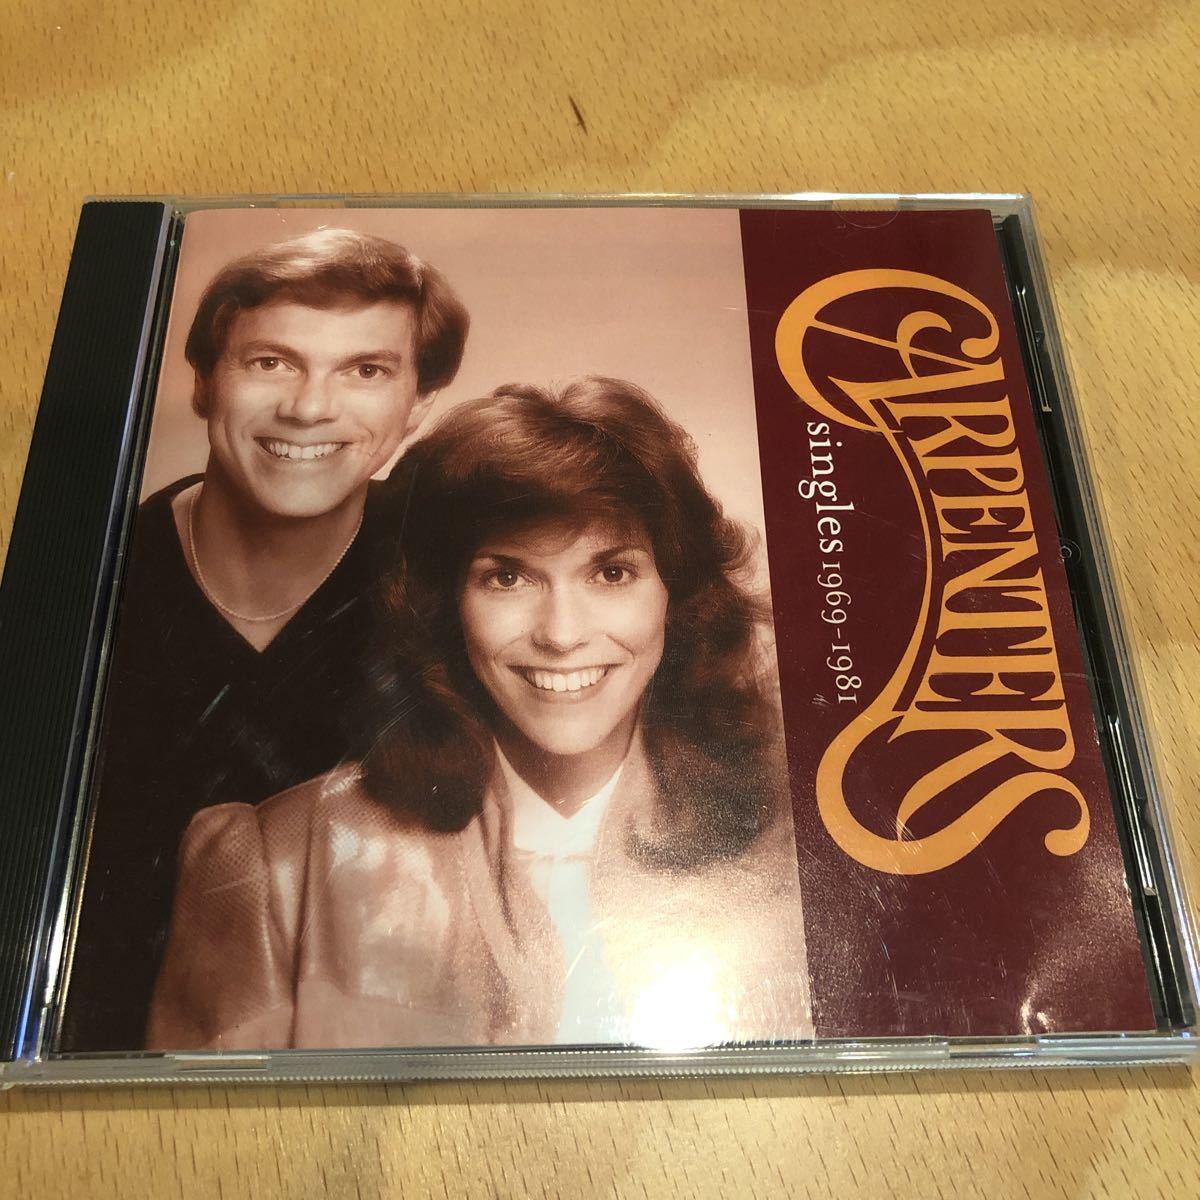 送料無料 カーペンターズ「カーペンターズ・ベスト」Singles1969-1981名曲多数イエスタデイ・ワンスモア、トップ・オブ・ザ・ワールド収録